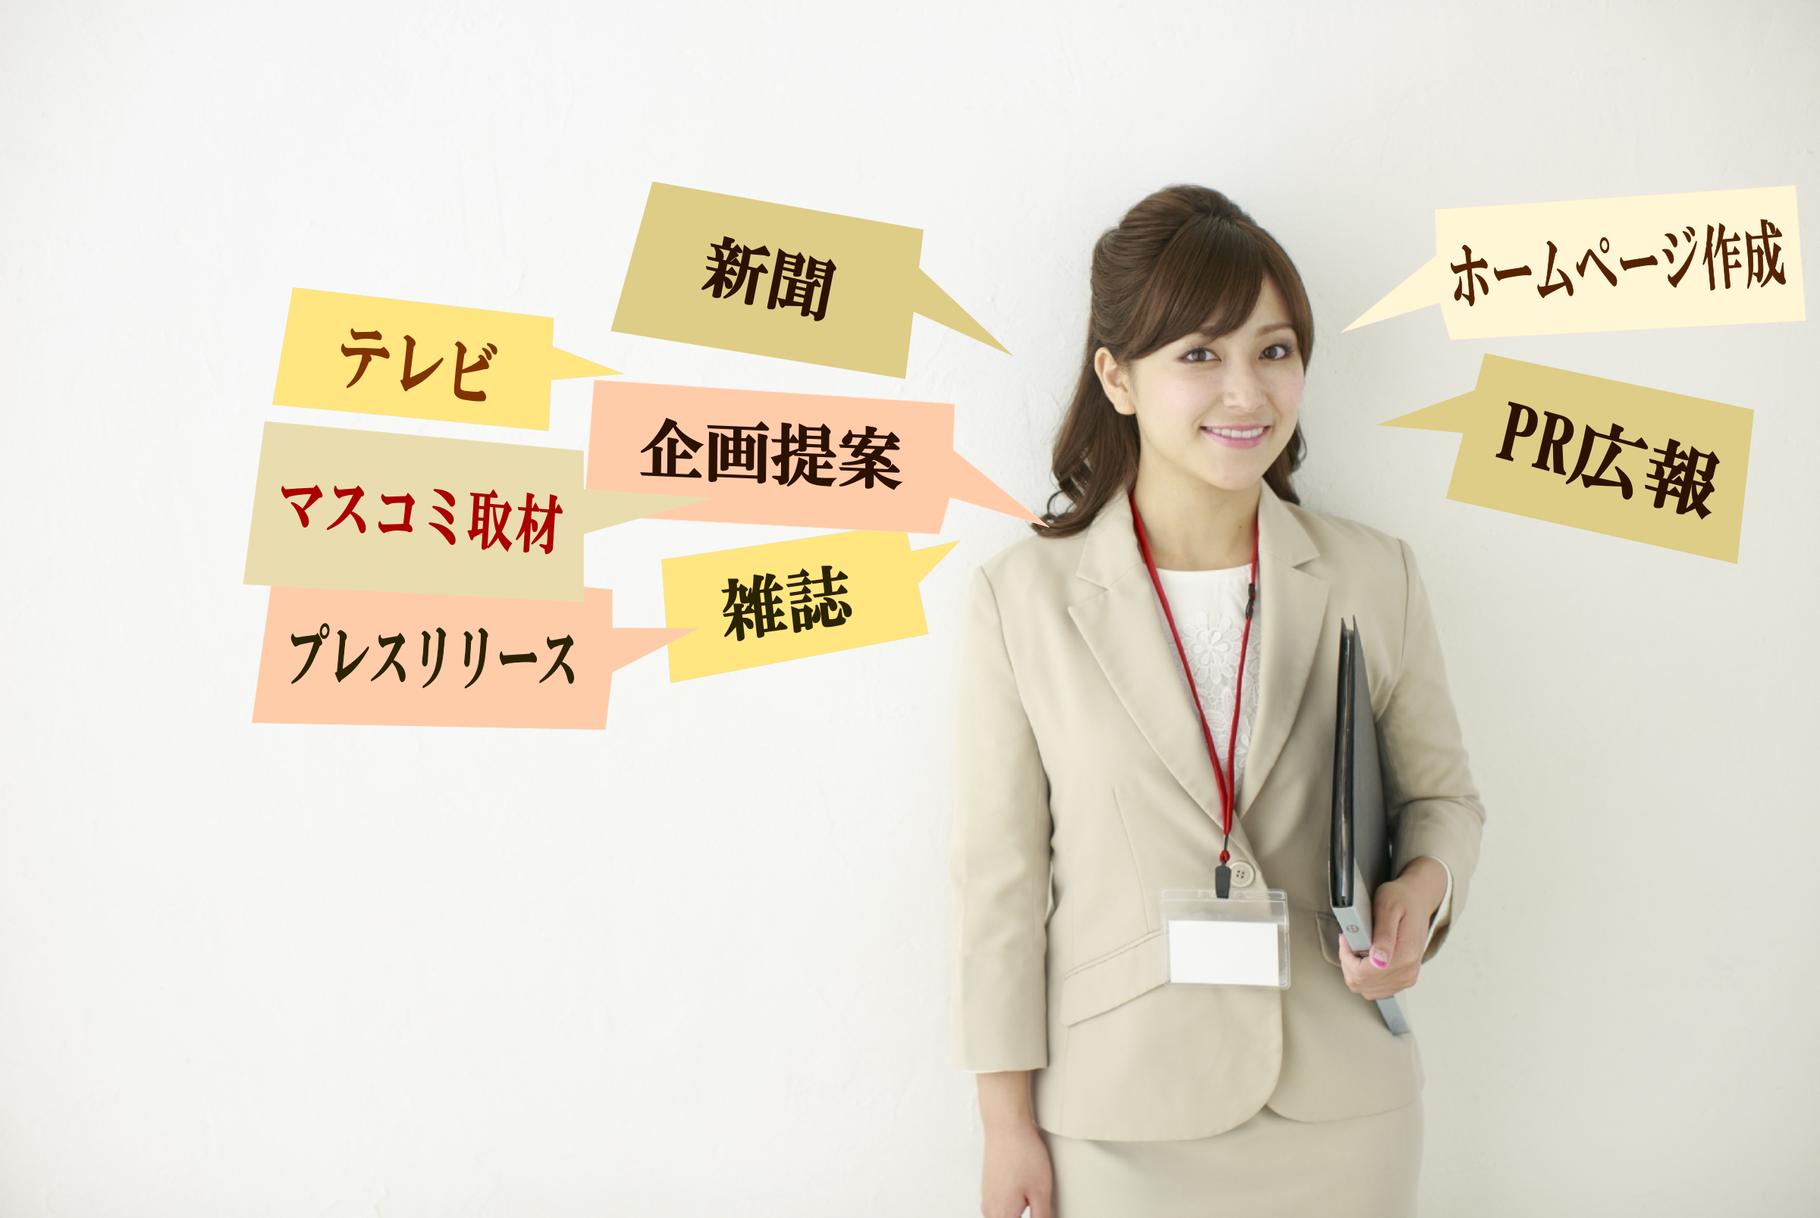 PR広報   ホームページ制作 連動サービス